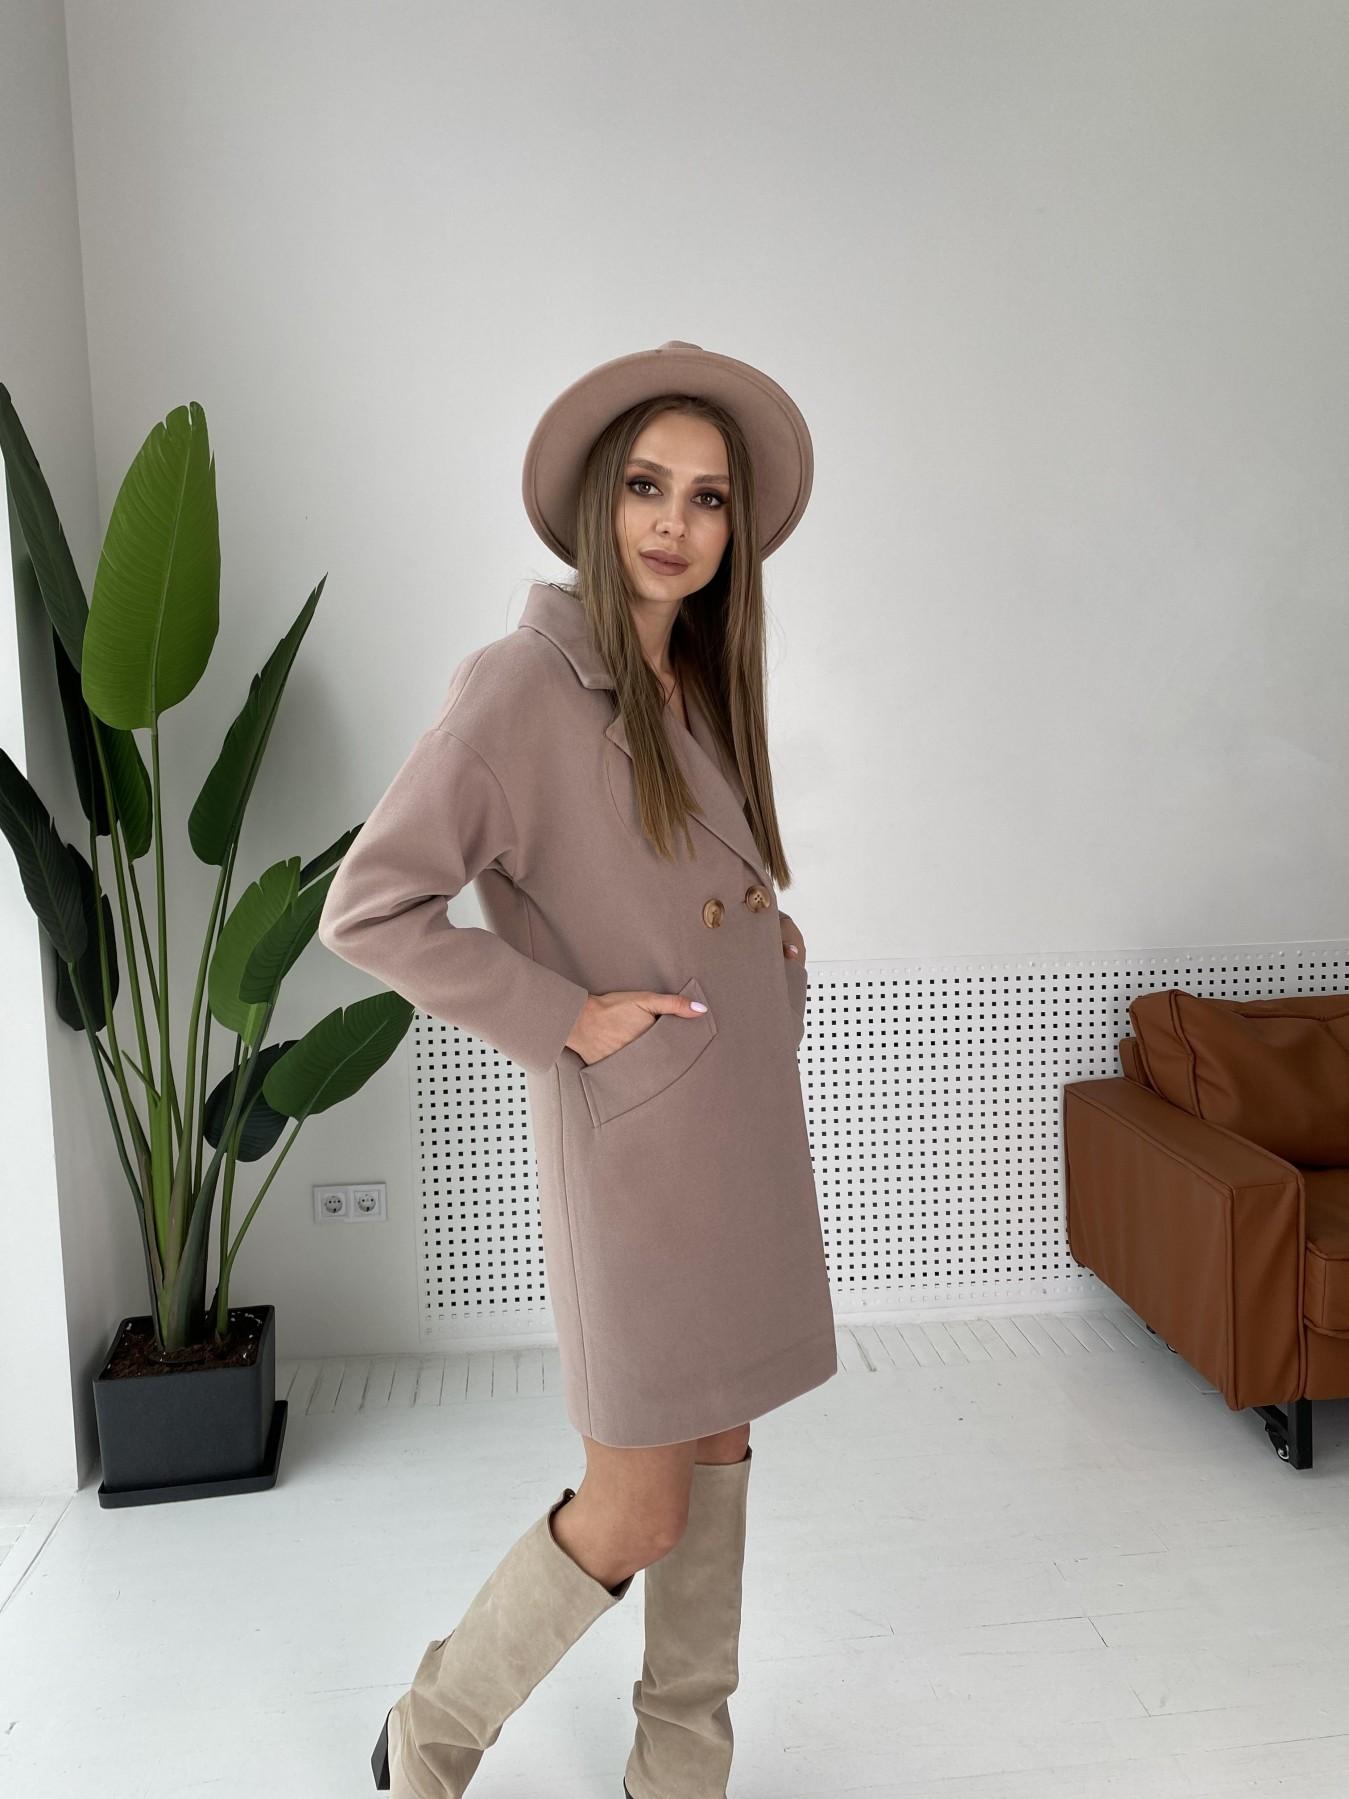 Сенсей пальто  из гладкого кашемира 10905 АРТ. 47372 Цвет: Кофе - фото 5, интернет магазин tm-modus.ru